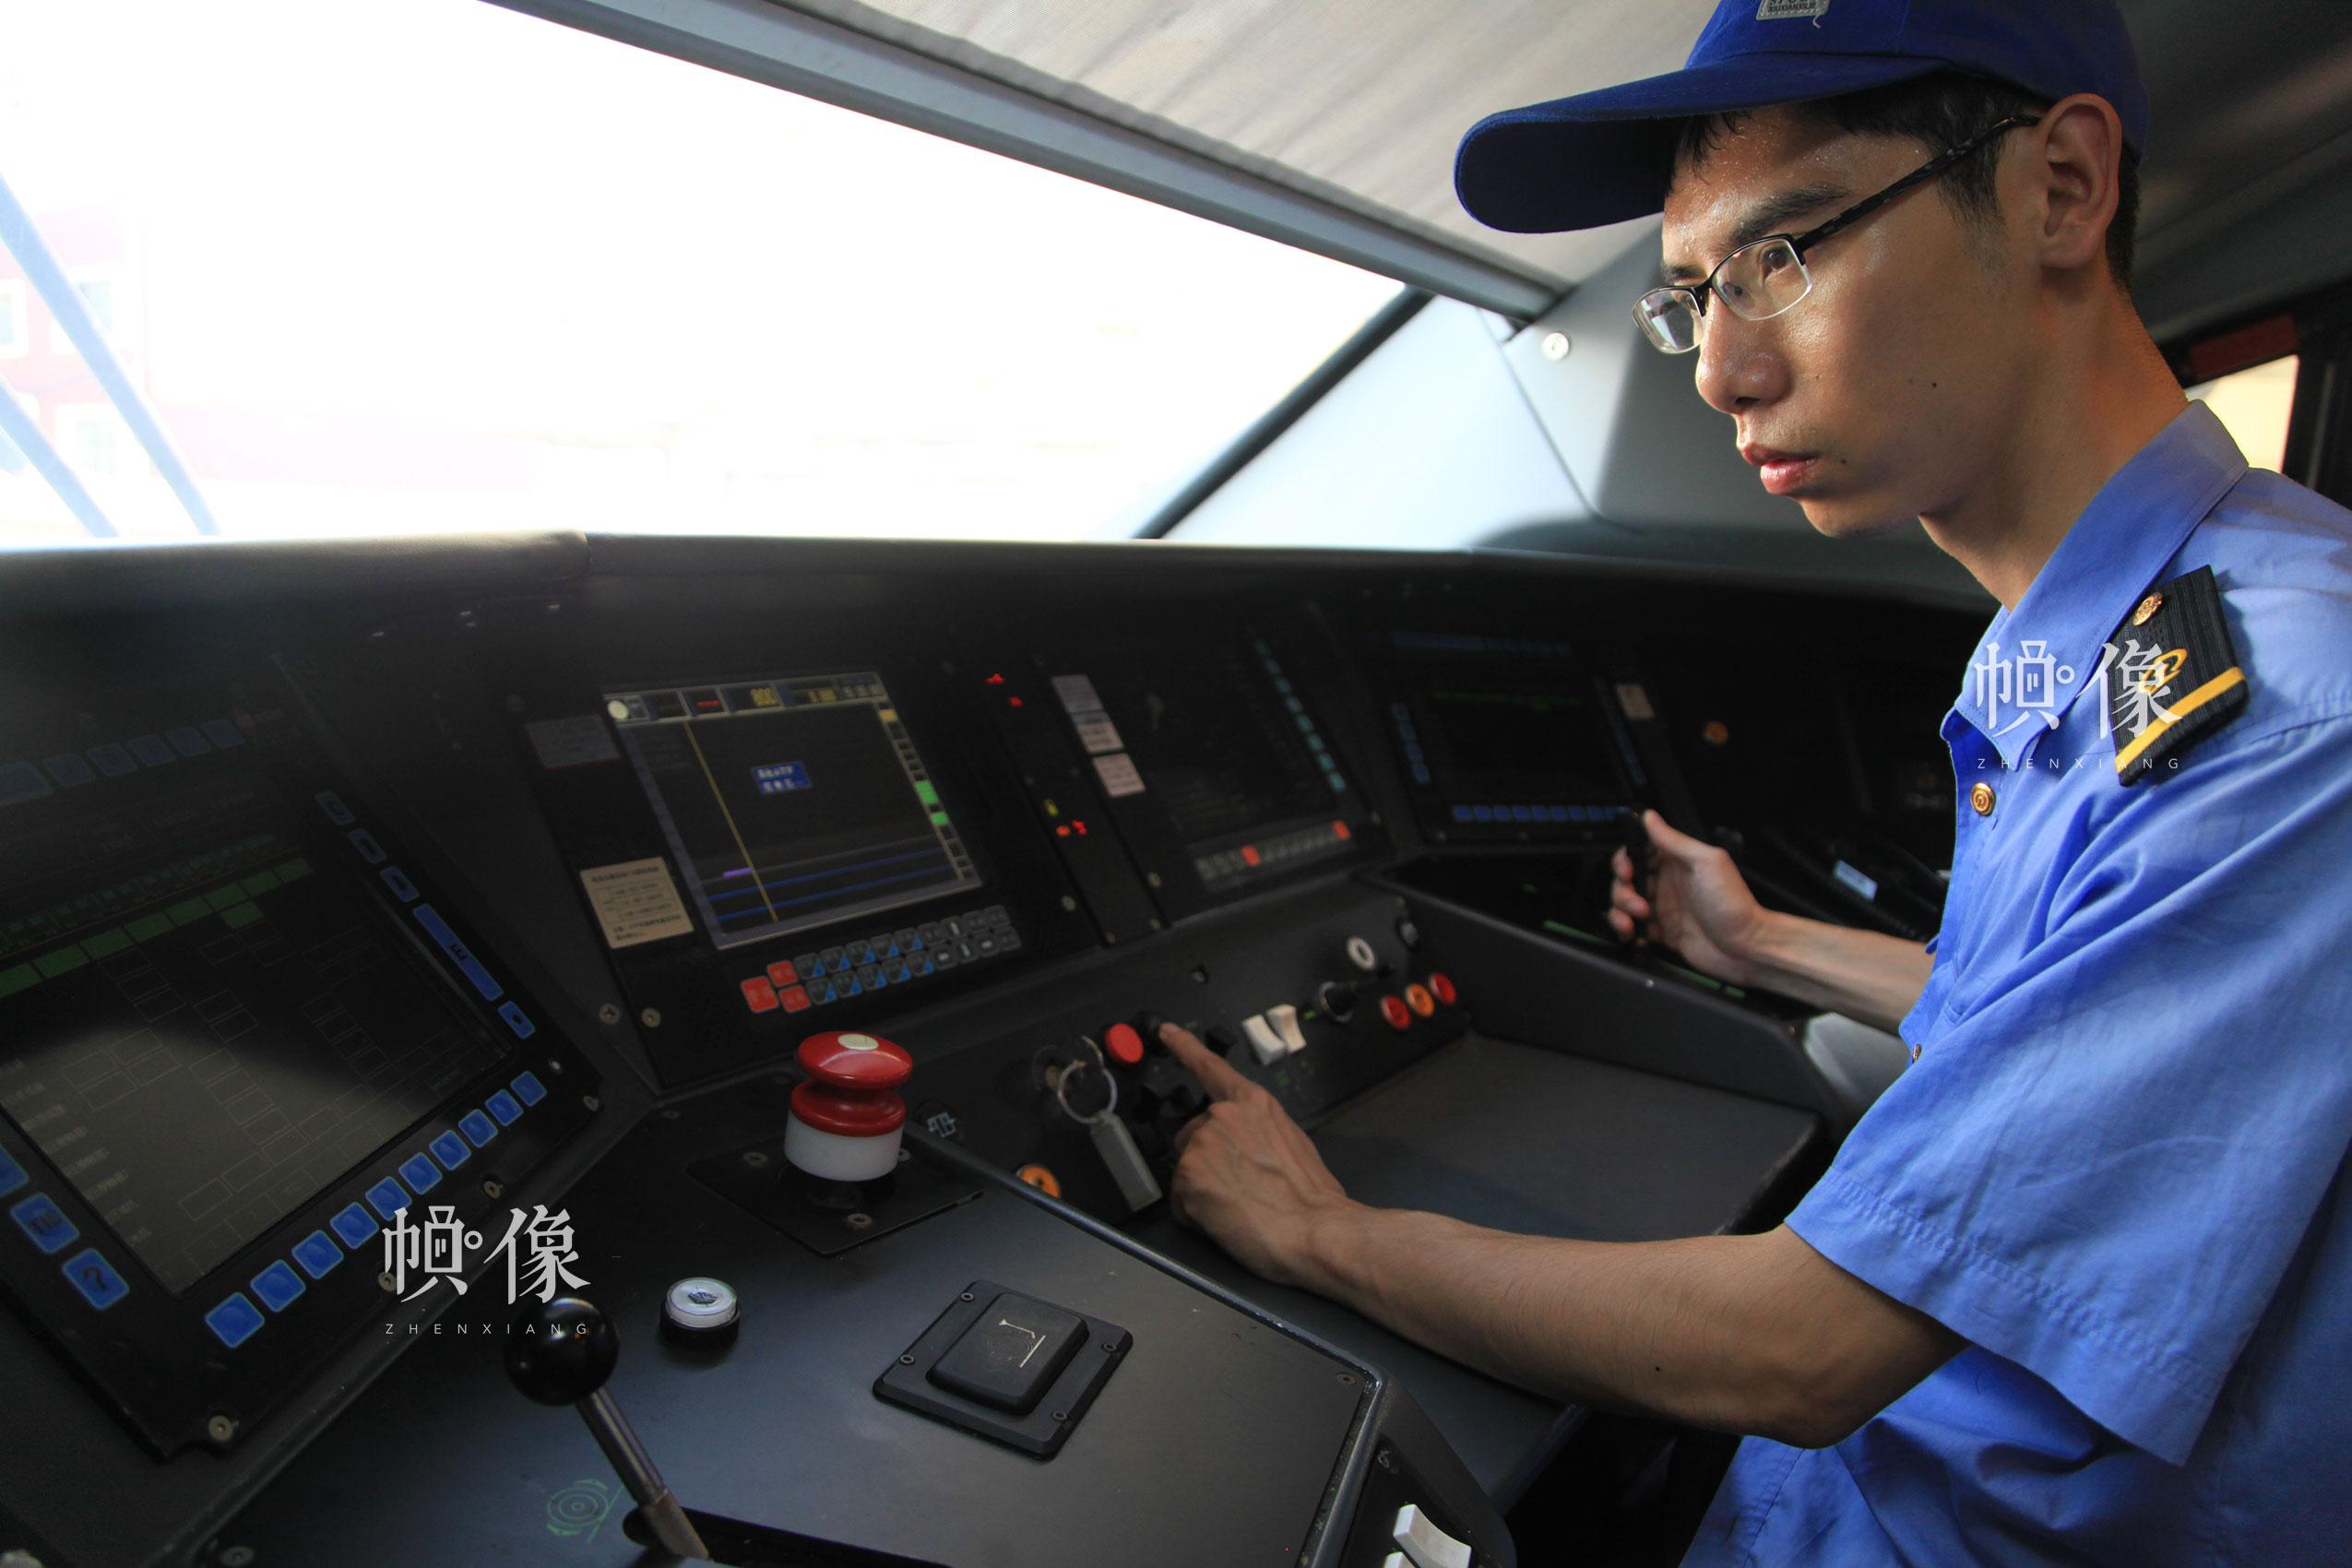 作业人员张朝舜对驾驶室操作系统进行检测。北京动车段 李博 供图